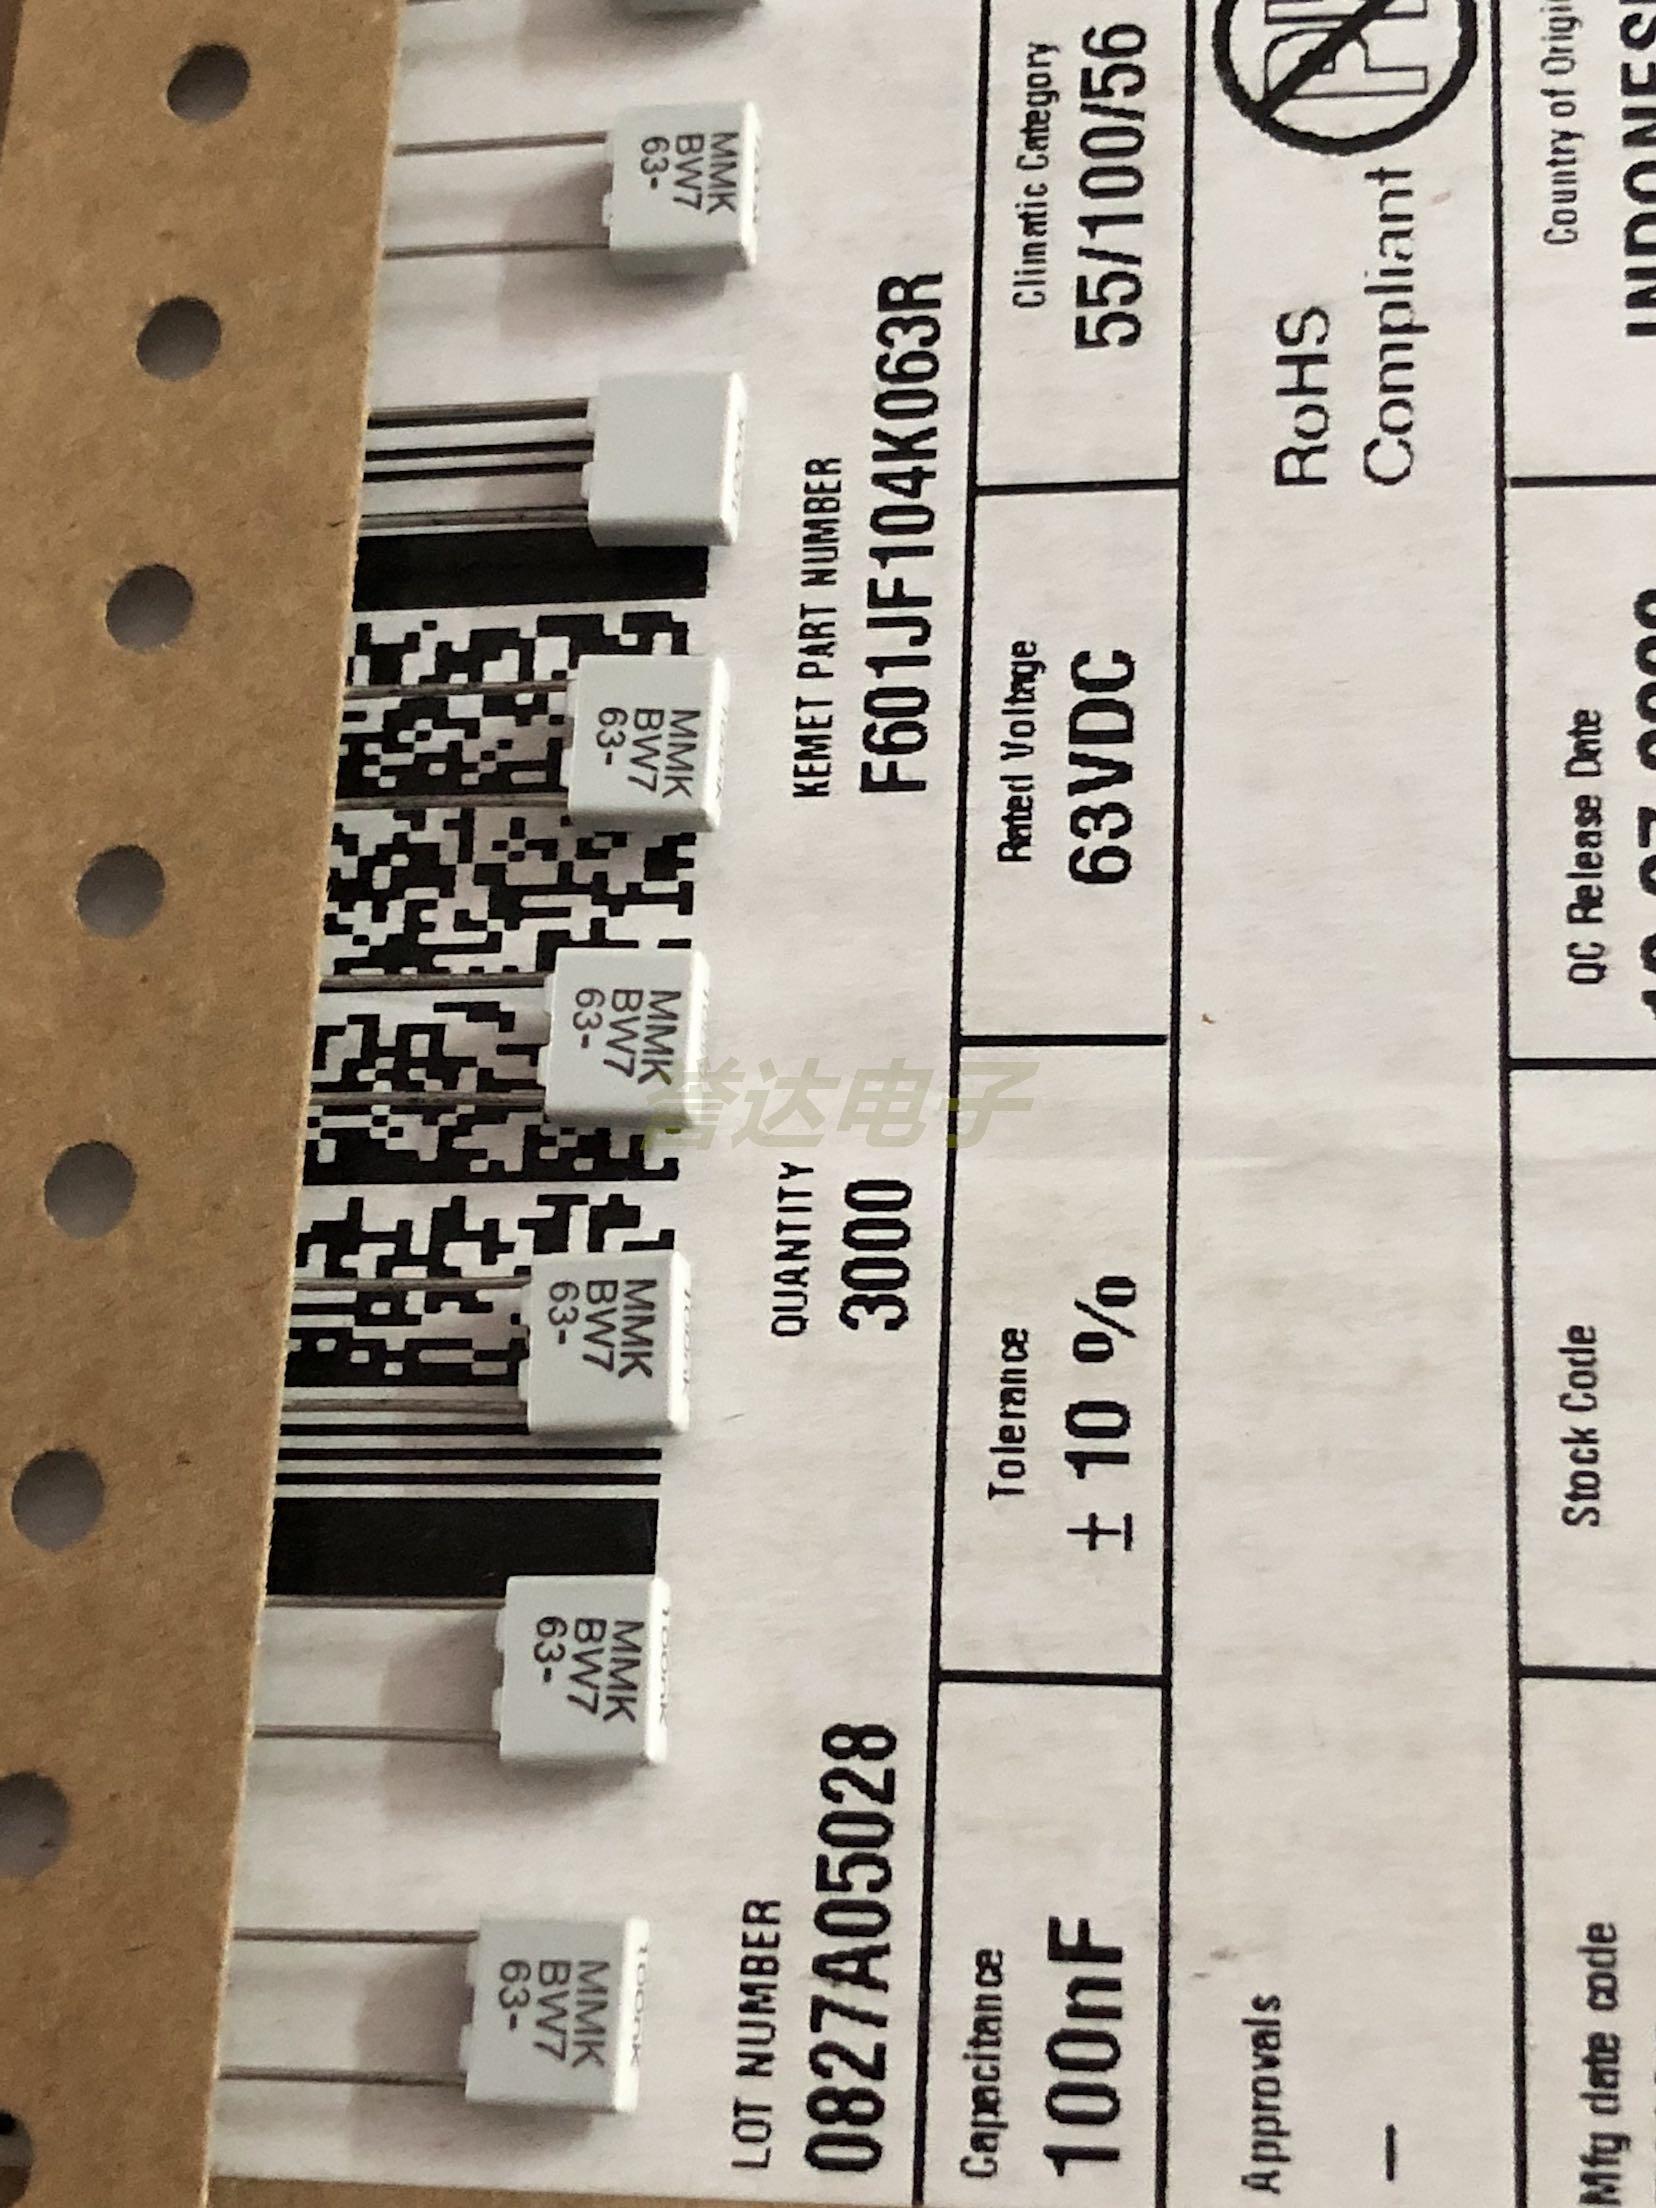 原装进口EVOX-RIFA力发 MMK5 63V 100nf 104K发烧薄膜电容 P=5MM